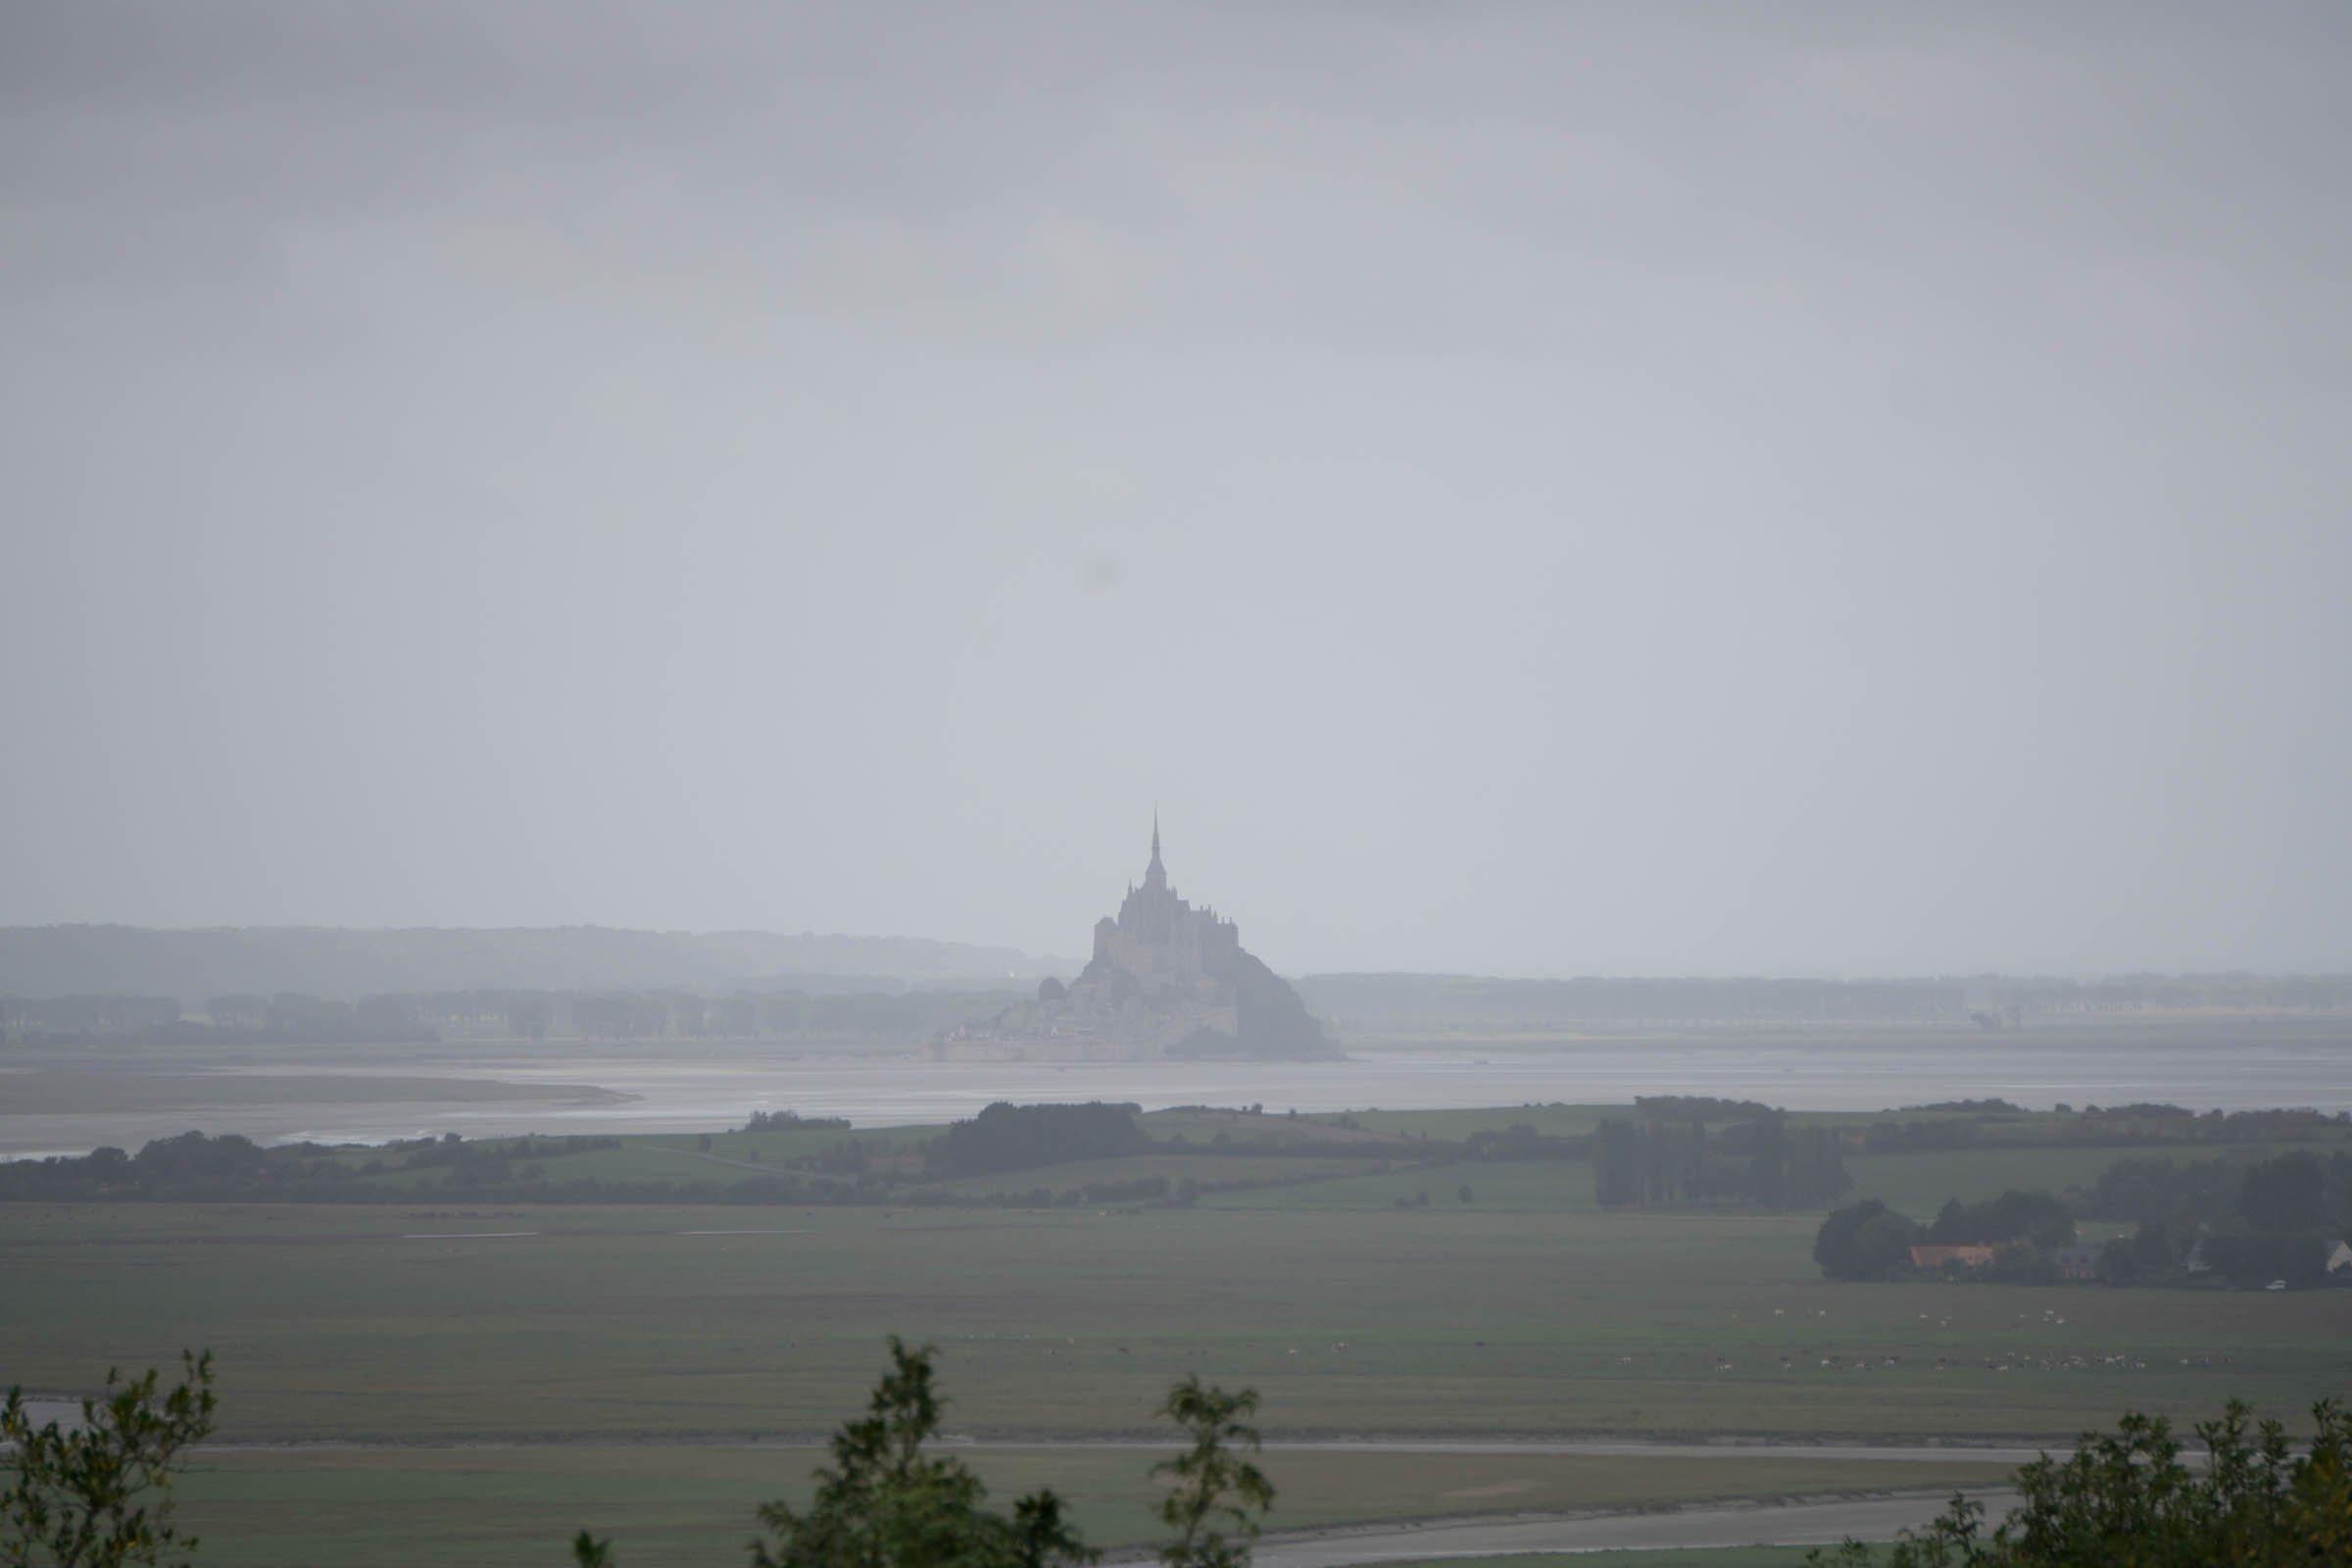 Meeresbucht mit dem Monument Mont-Saint-Michel aus der Ferne.